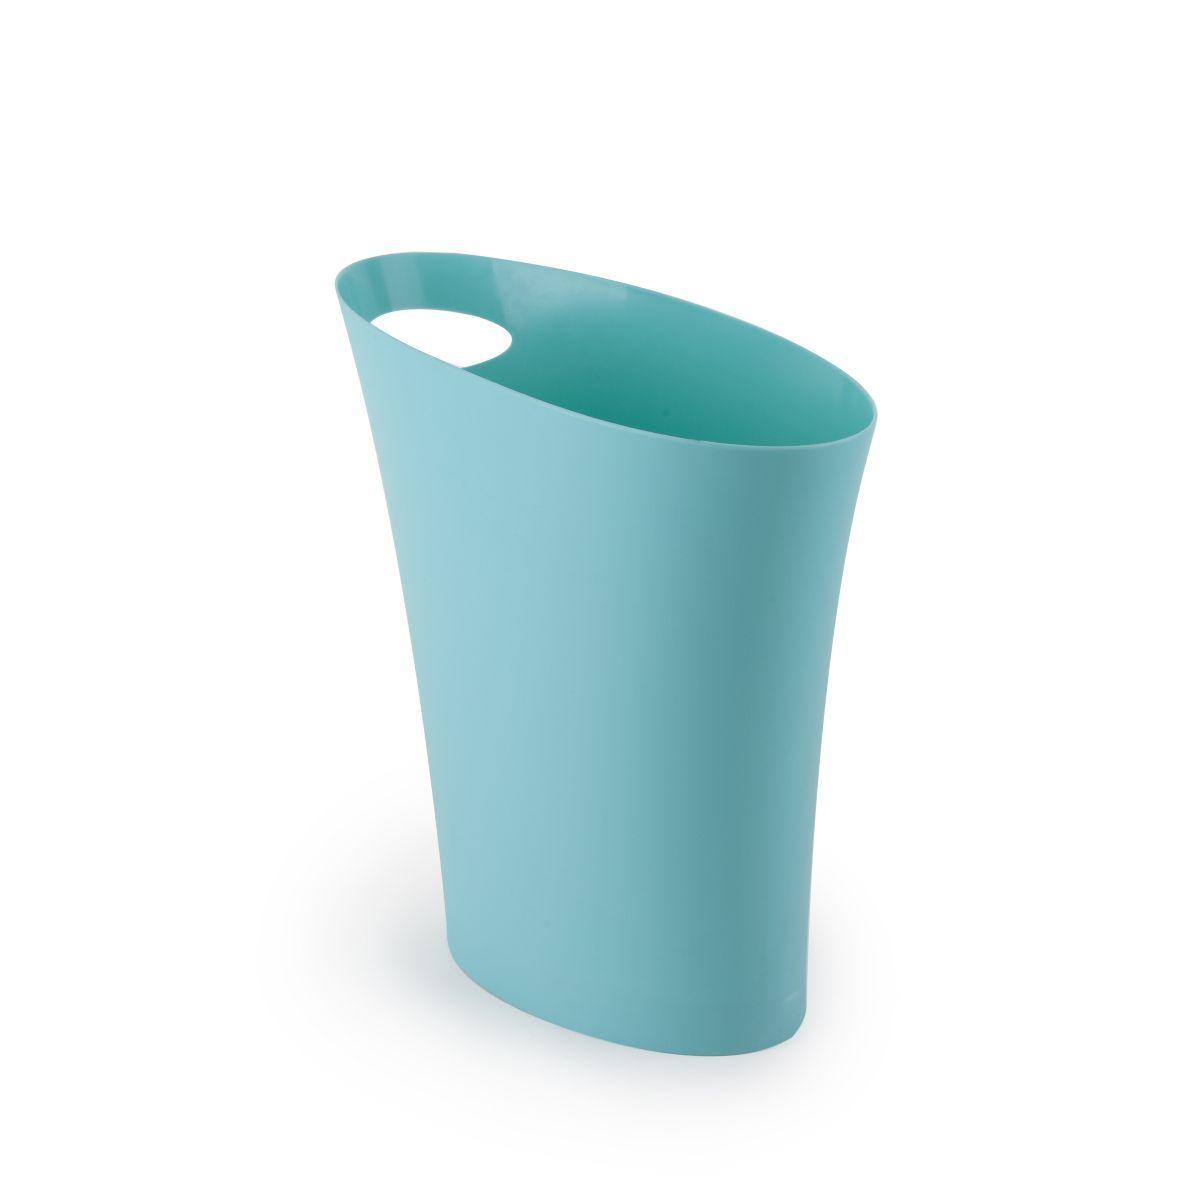 Контейнер мусорный Skinny морская волна082610-276Очередное изобретение Карима Рашида, одного из самых известных промышленных дизайнеров. Оригинальный замысел и функциональный подход обеспечены! Привычные мусорные корзины в виде старых ведер из-под краски или ненужных коробок давно в прошлом. Каждый элемент в современном доме должен иметь определенный смысл, быть креативным и удобным. Вплоть до мусорного ведра. Несмотря на кажущийся миниатюрный размер, ведро вмещает до 7,5 литров, а ручка в виде отверстия на верхней части ведра удобна при переноске. Материал: полипропилен; цвет: голубой